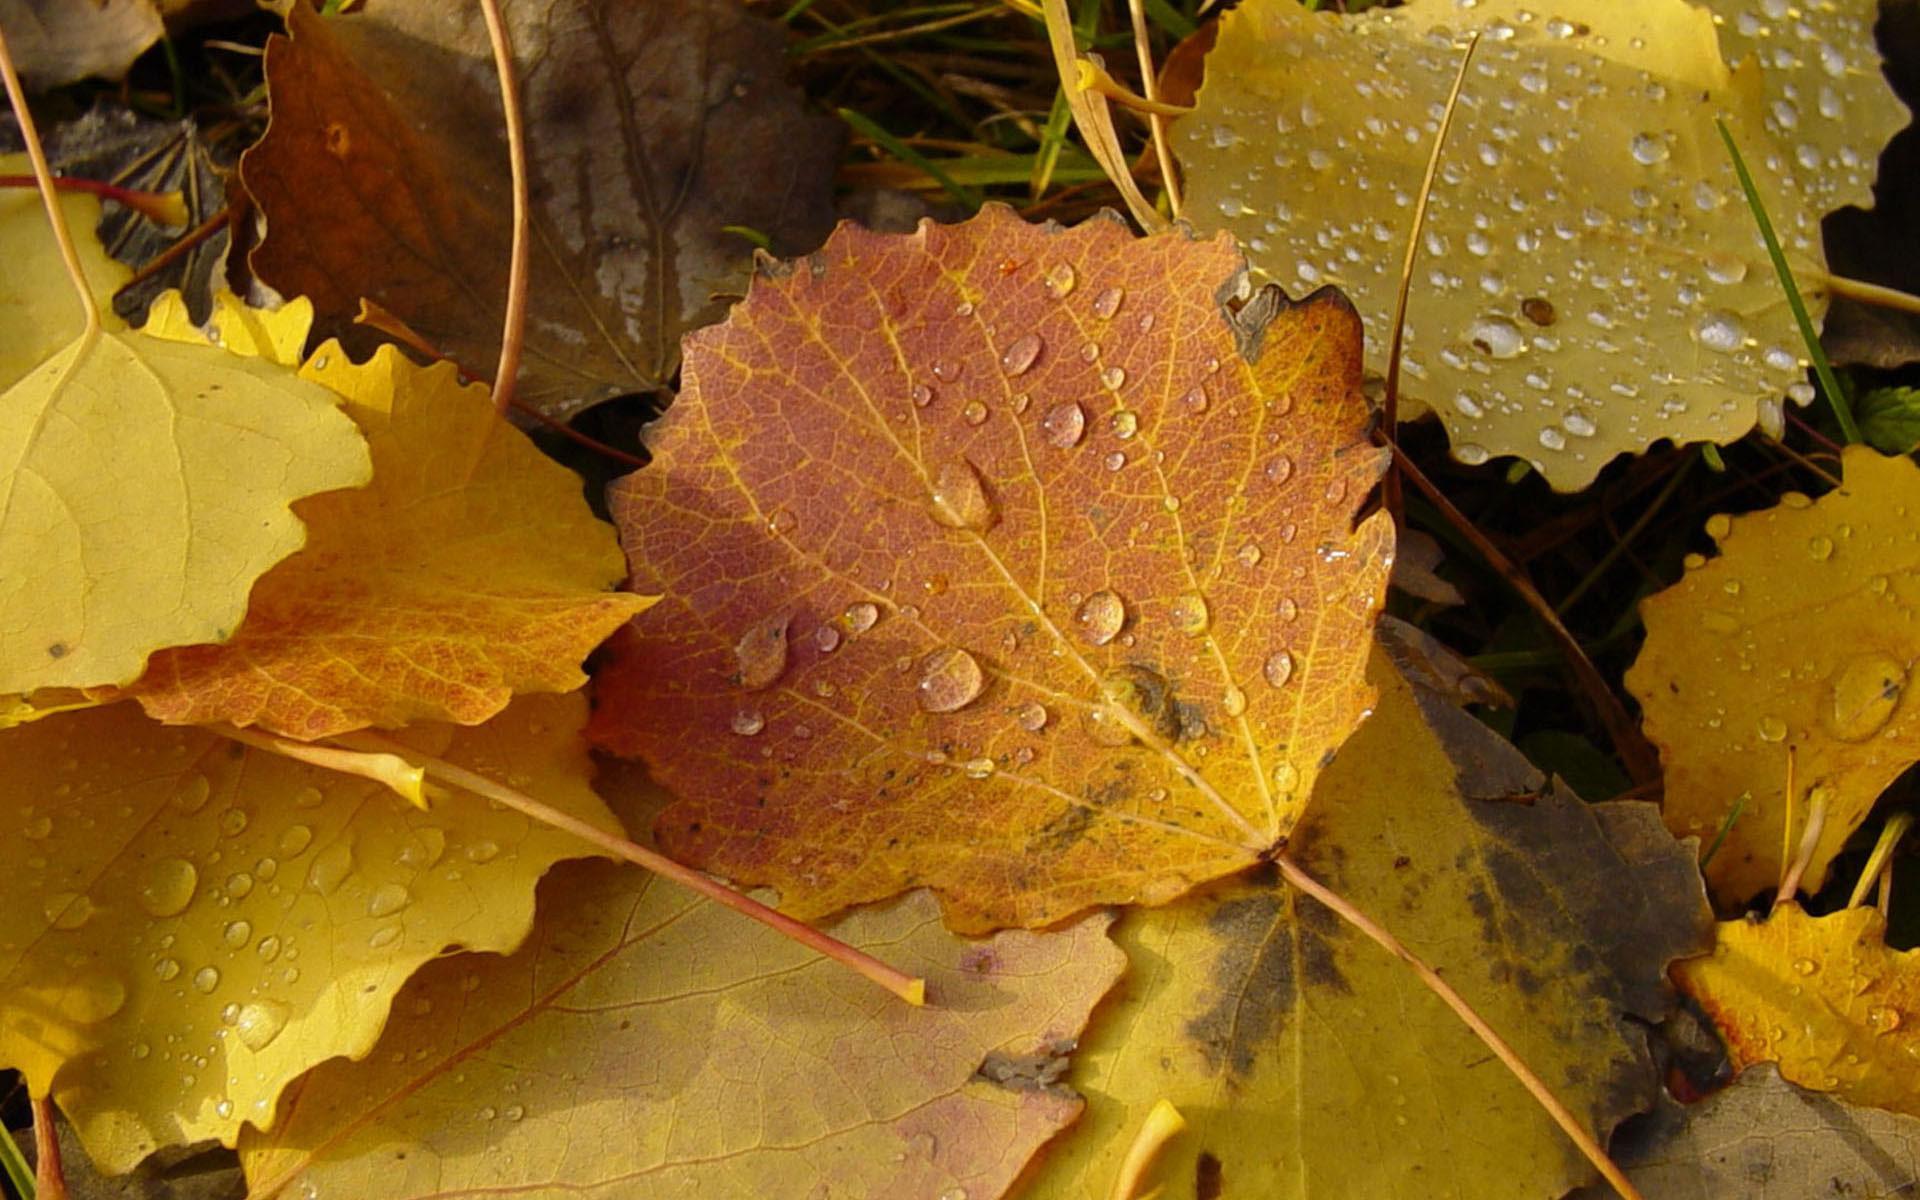 Погода в Кирове. Уже чувствуется октябрь